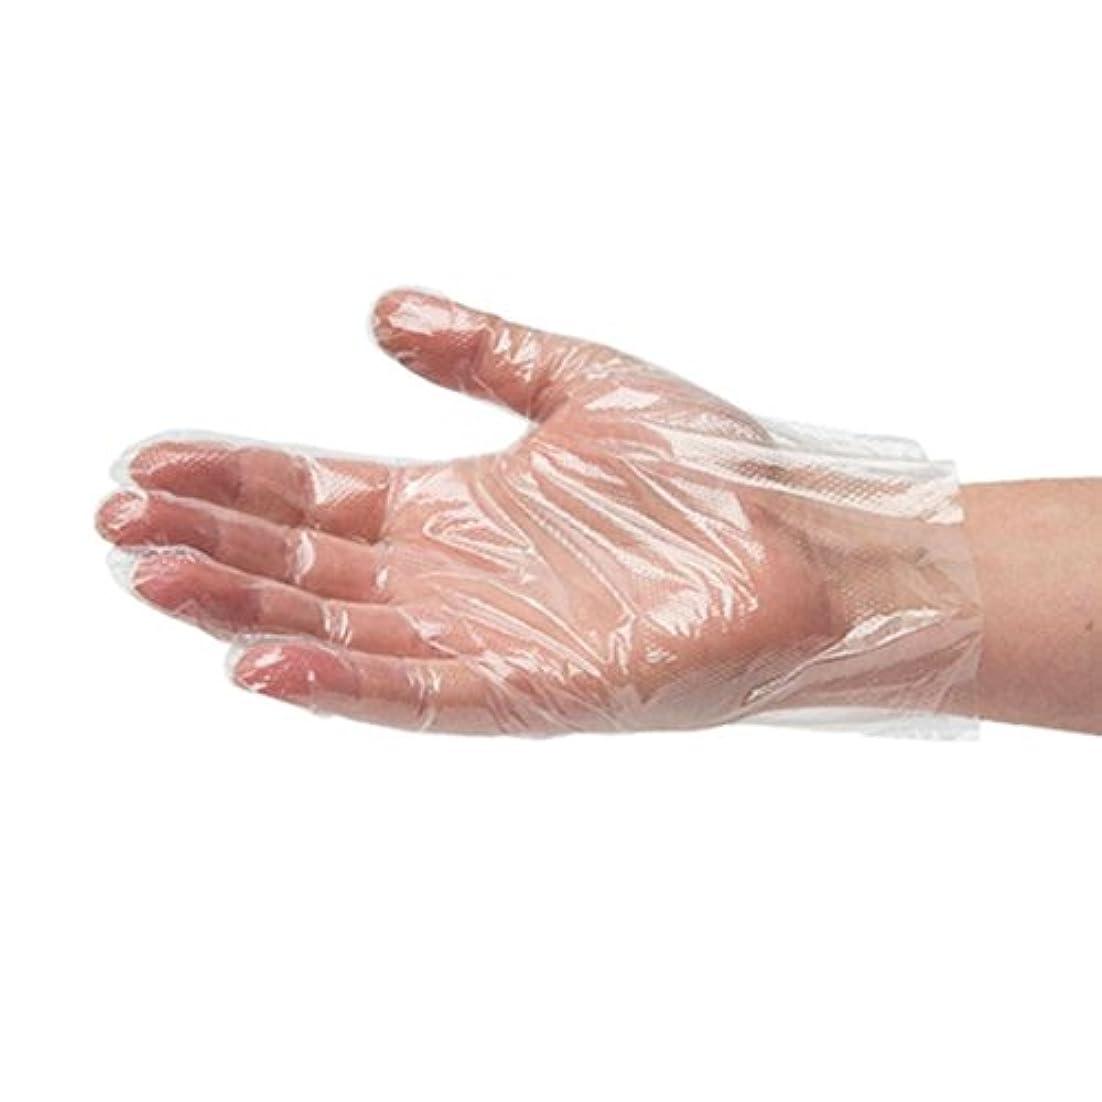 意図的ハング尋ねるKINGZUO 使い捨て 調理 ビニール極薄手袋 200枚入 使いきり手袋 (500枚)